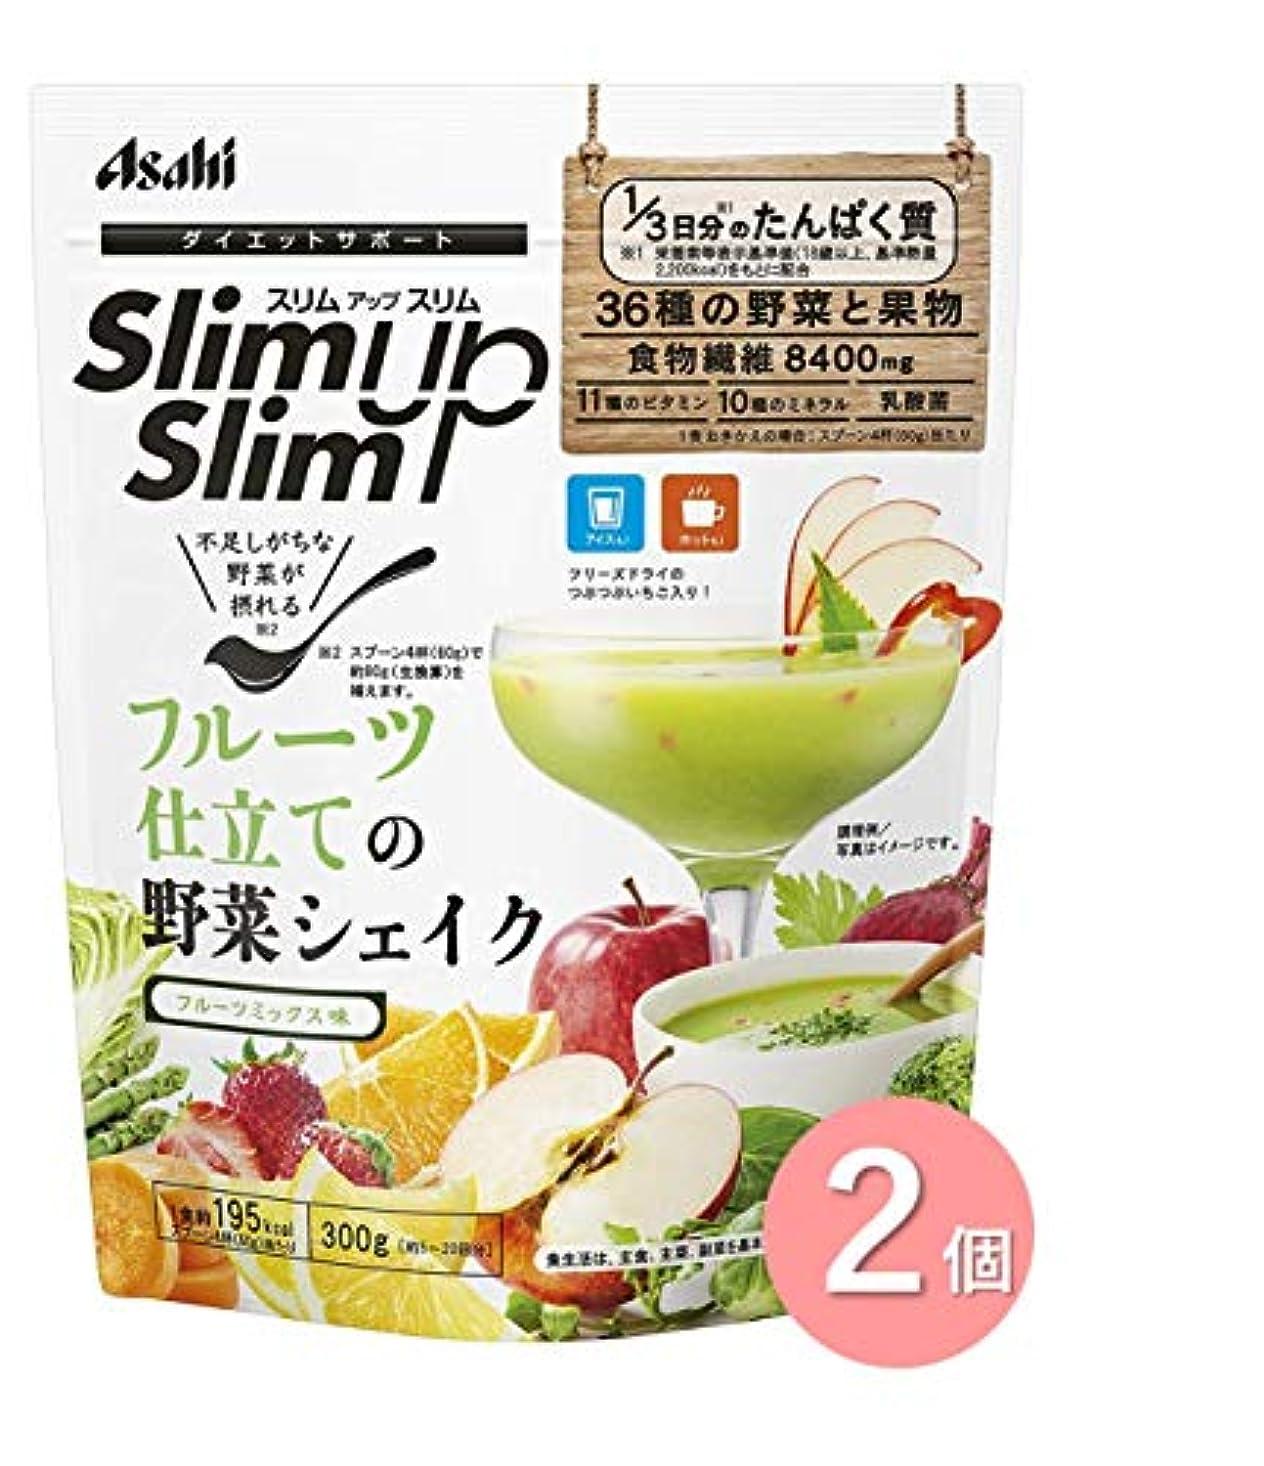 参照する仮定、想定。推測聖職者スリムアップスリム フルーツ仕立ての野菜シェイク フルーツミックス味 300g ×2個